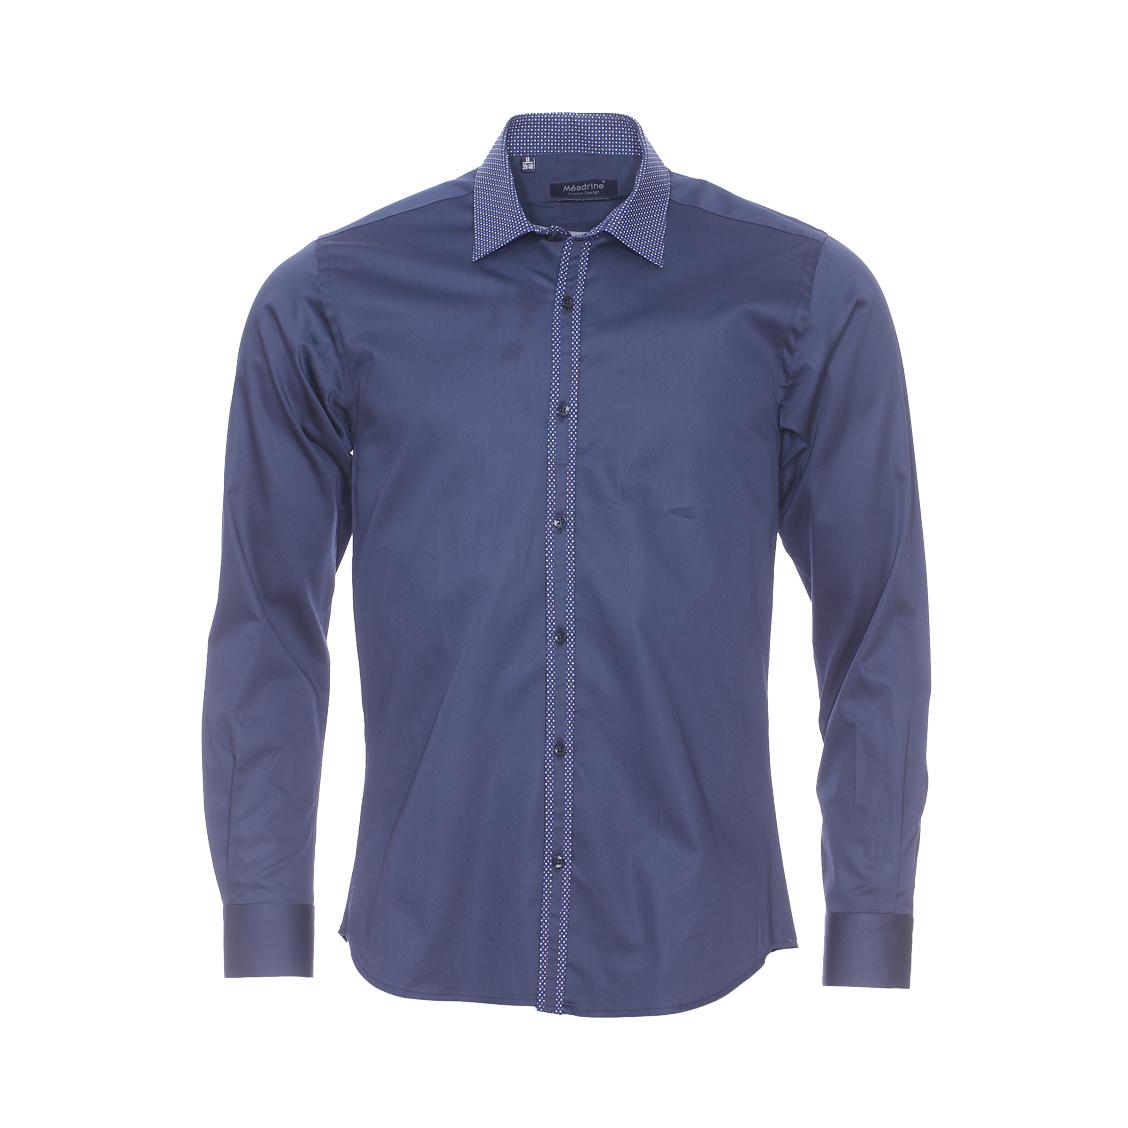 Chemise cintrée  en coton bleu marine, col à pois bleus et blancs